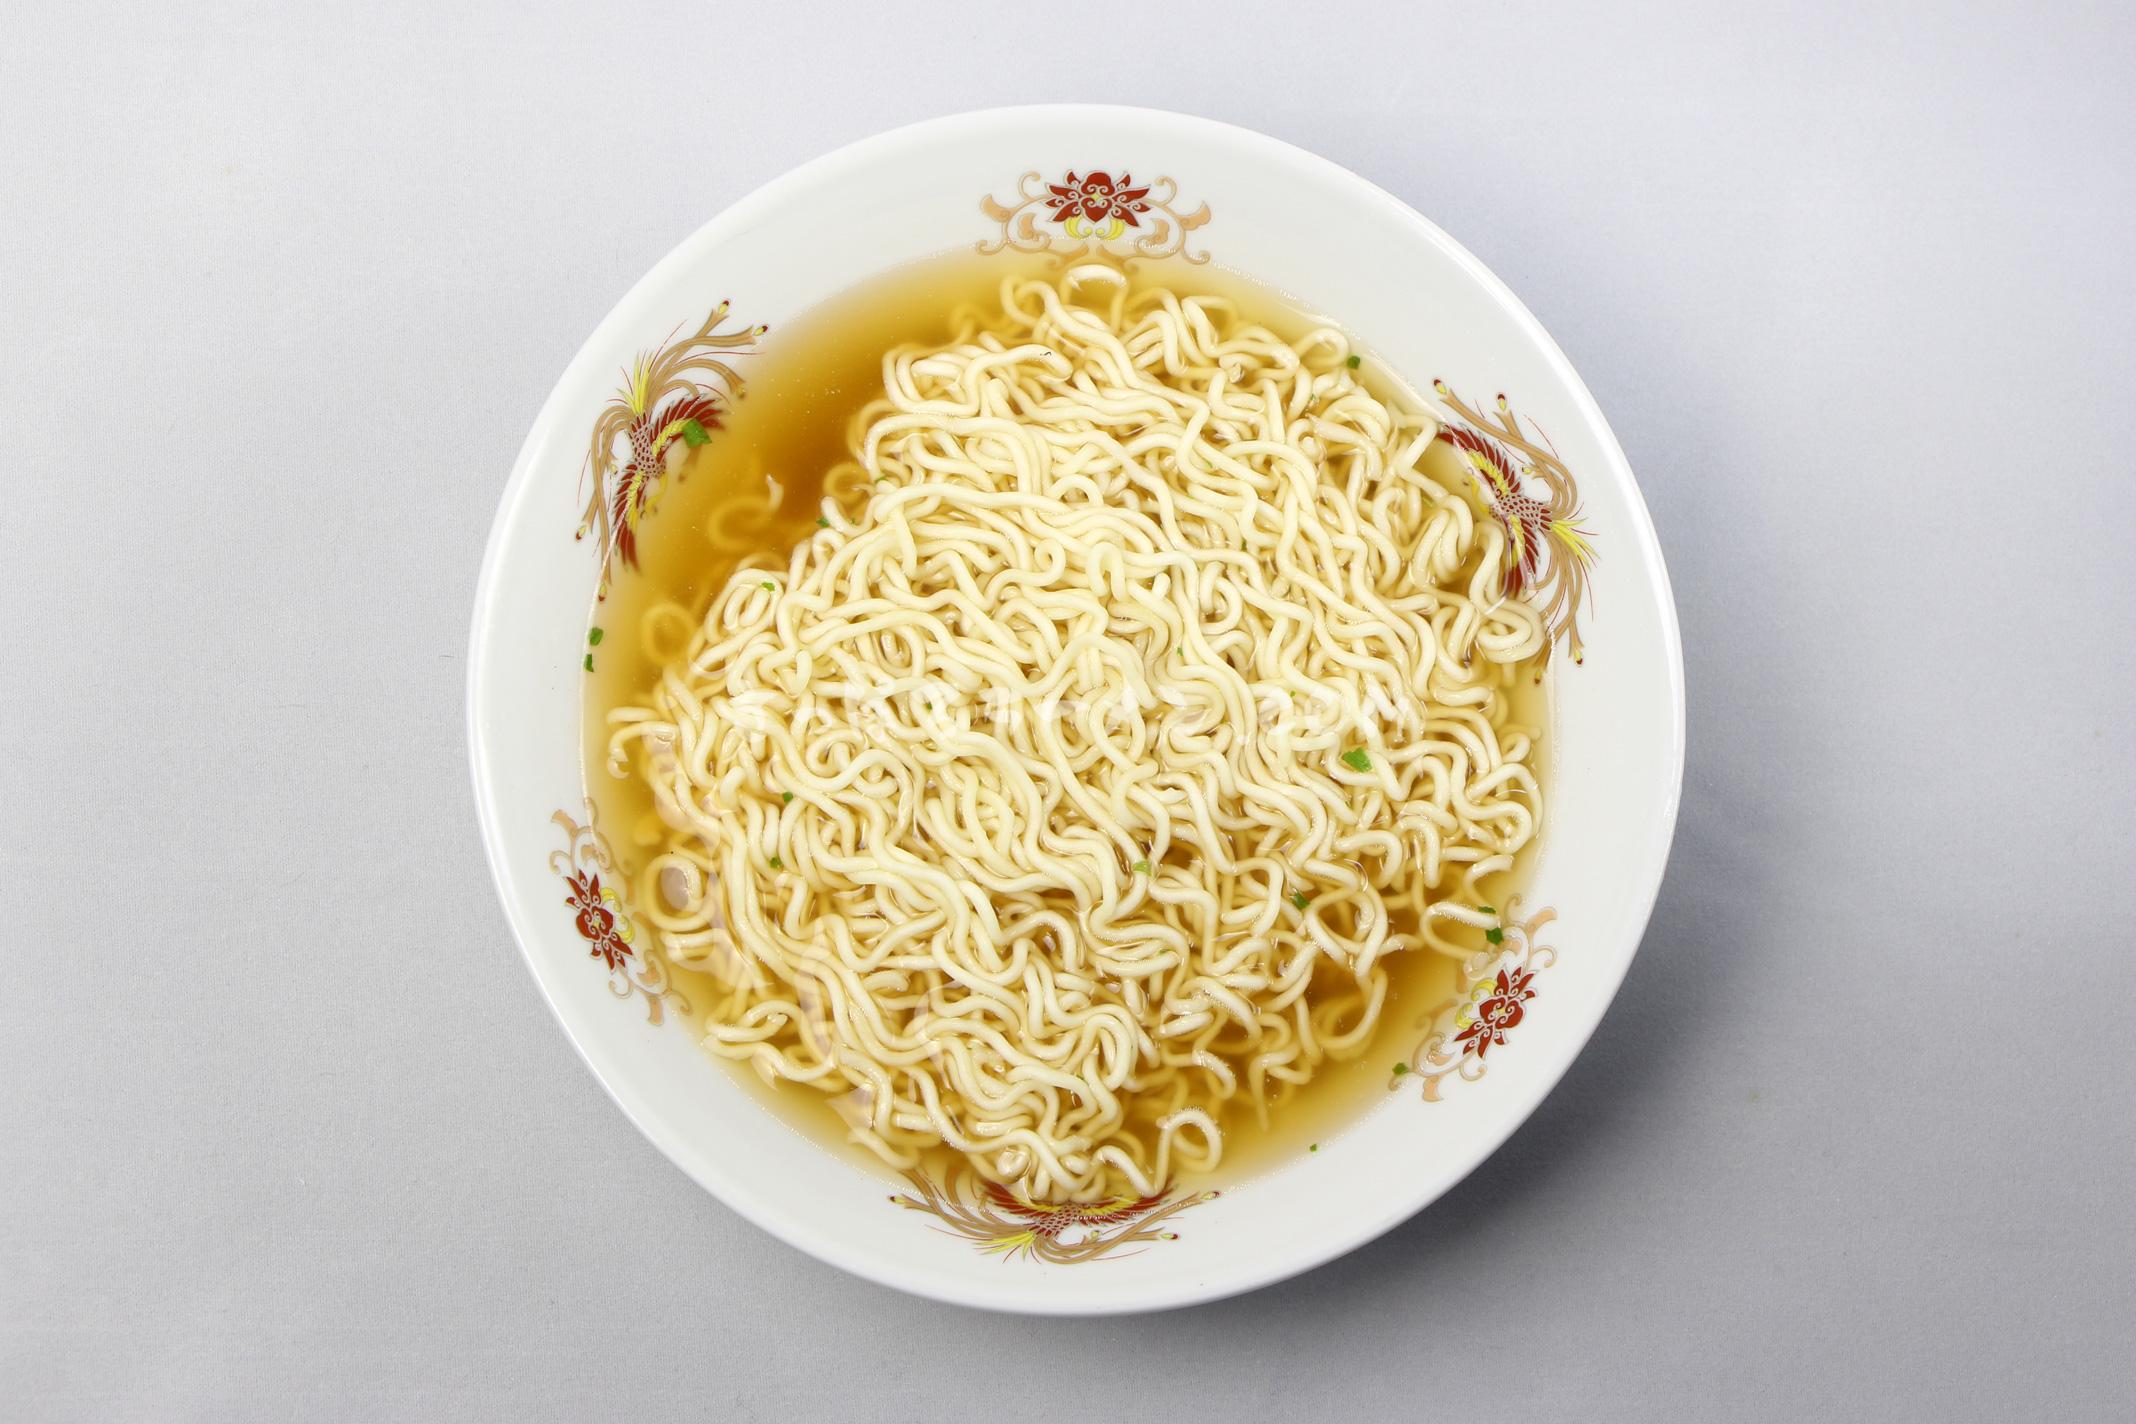 「ダブルラーメン しょうゆ」(東洋水産株式会社)の完成画像